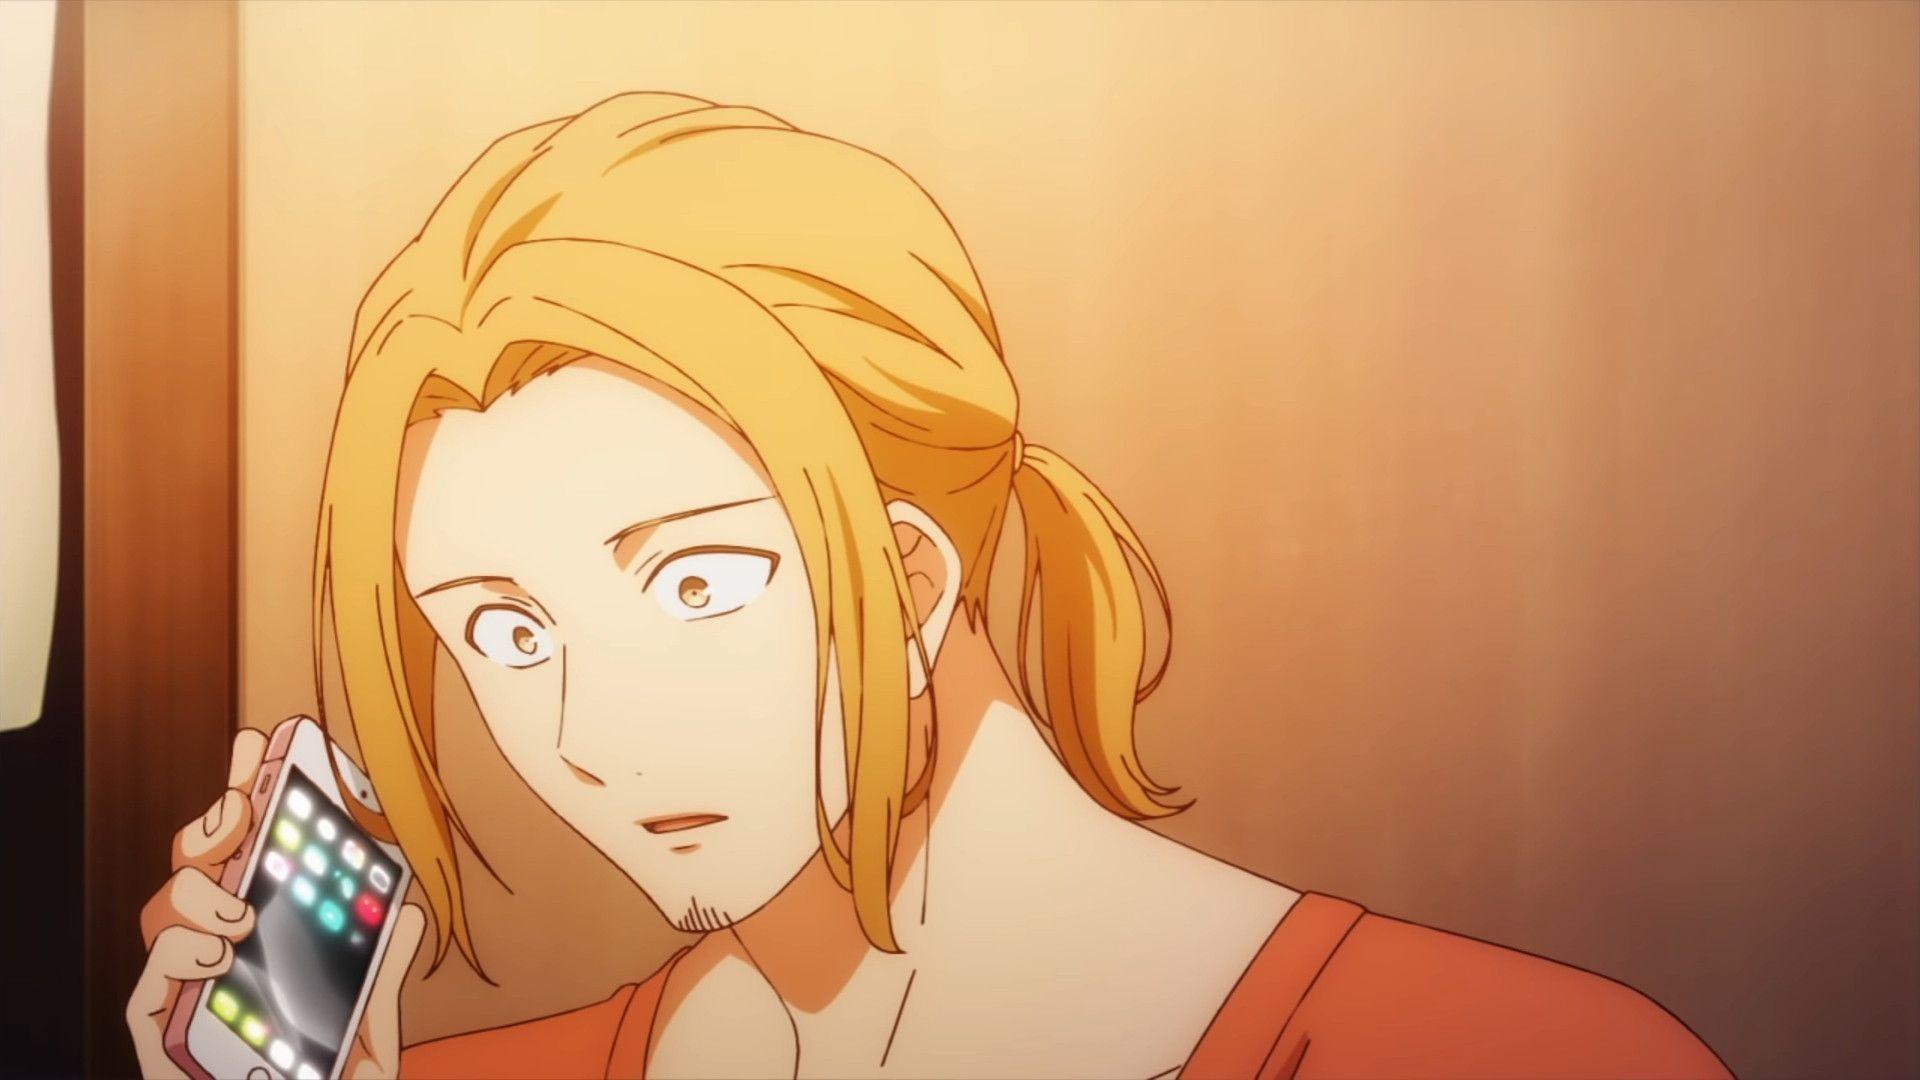 Pemutaran Film Anime Given Di Tunda Di 2020 Animasi Film Manga